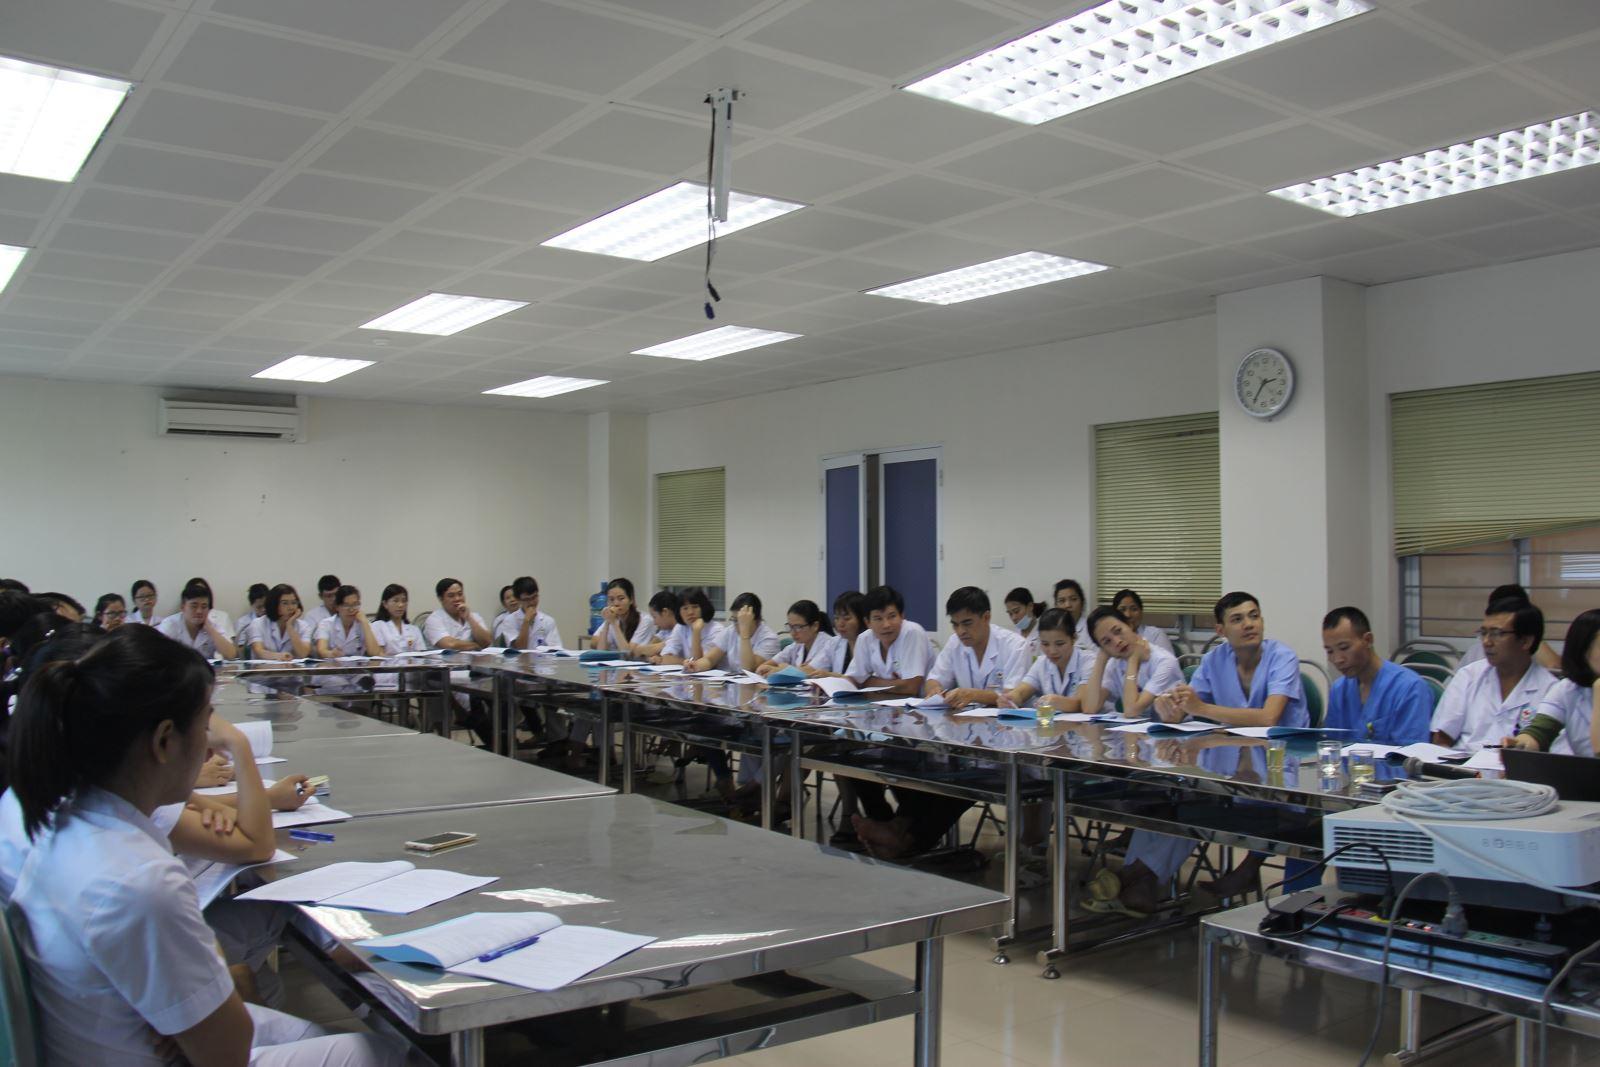 cán bộ y tê tham gia lớp học đào tạo